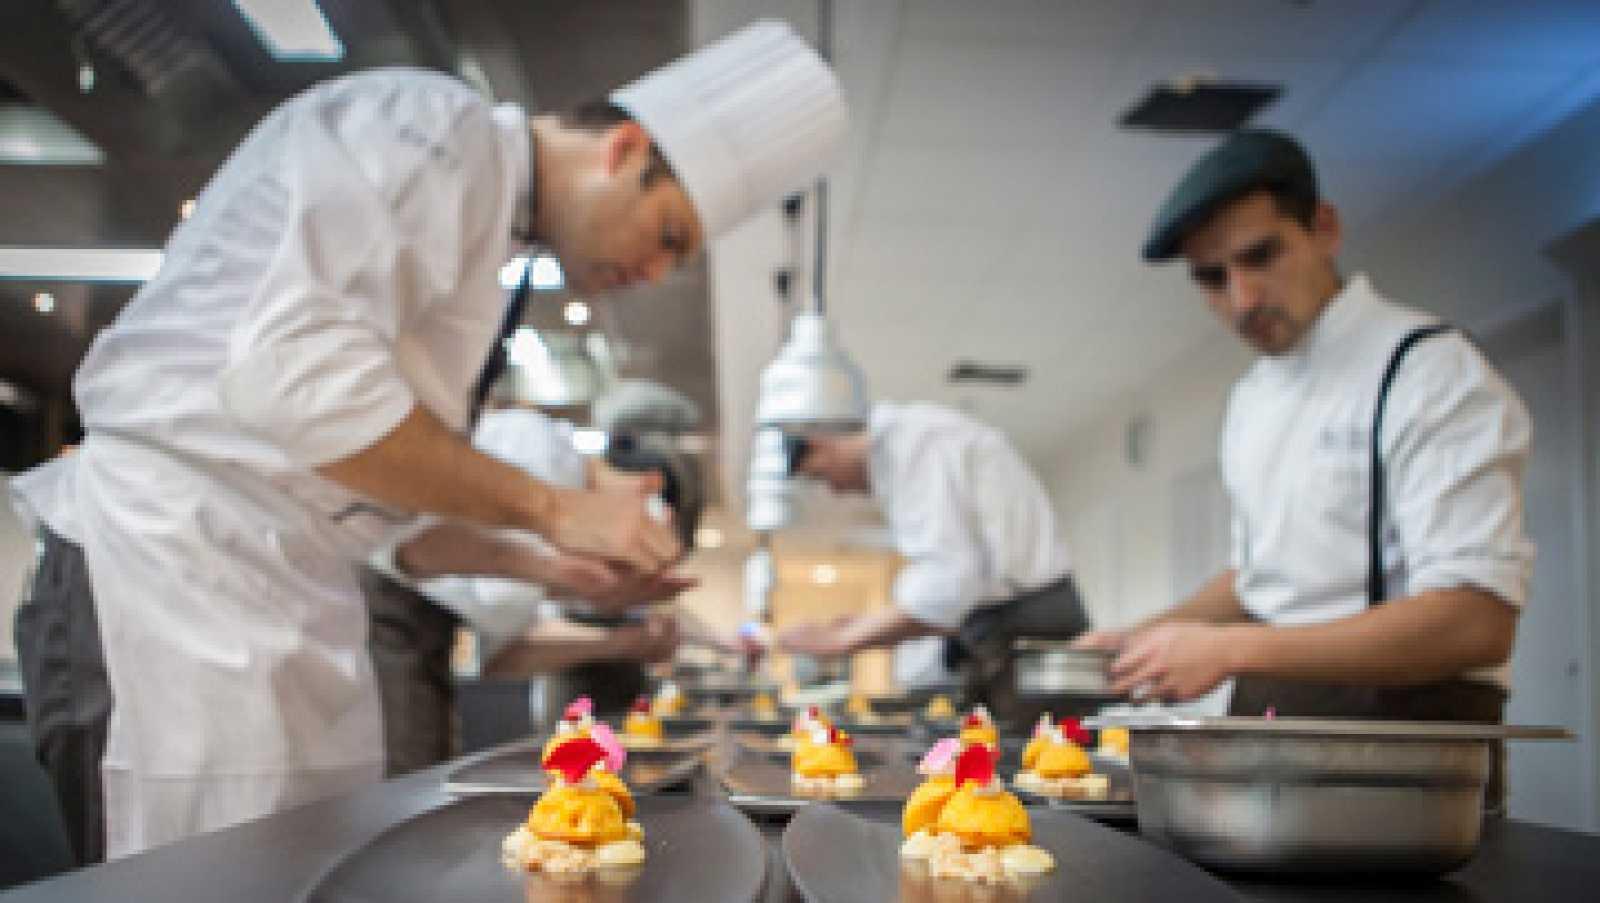 En clave turismo - Basque Culinary Center cumple 10 años impulsando la gastronomía - 29/03/21 - Escuchar ahora